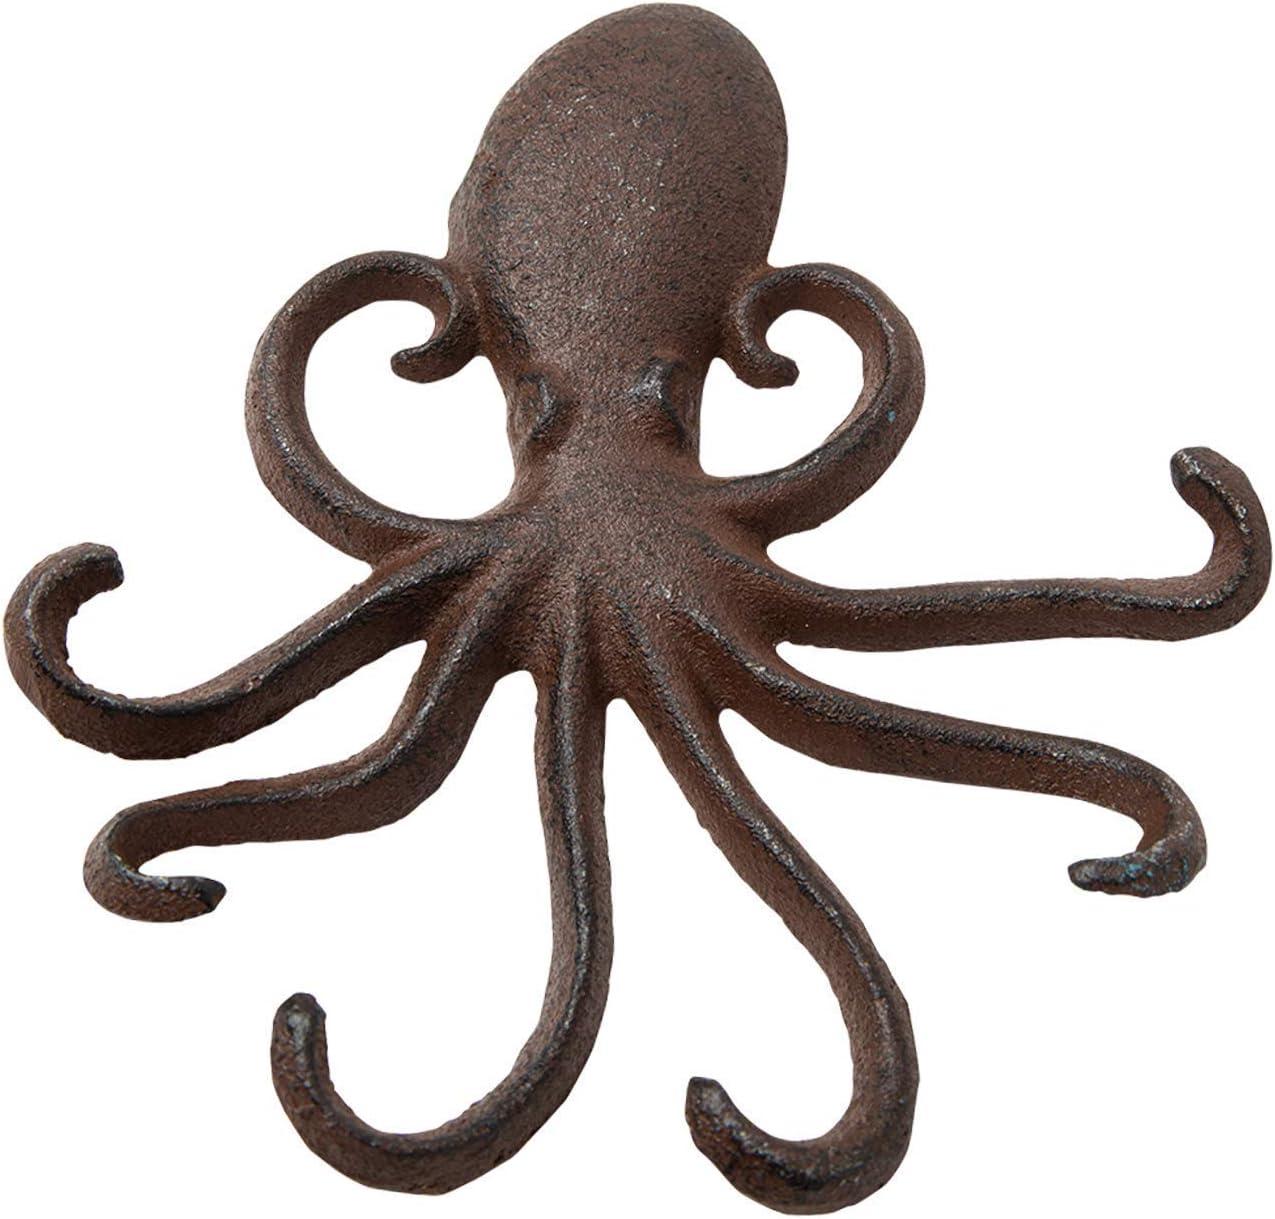 Gancho de Pared de Hierro Fundido Octopus - Tentáculos de Pulpo Decorativos para la Entrada, la Puerta o el baño - Novedosa decoración de Pared - Color marrón rústico con Tornillos y Anclas incluidos